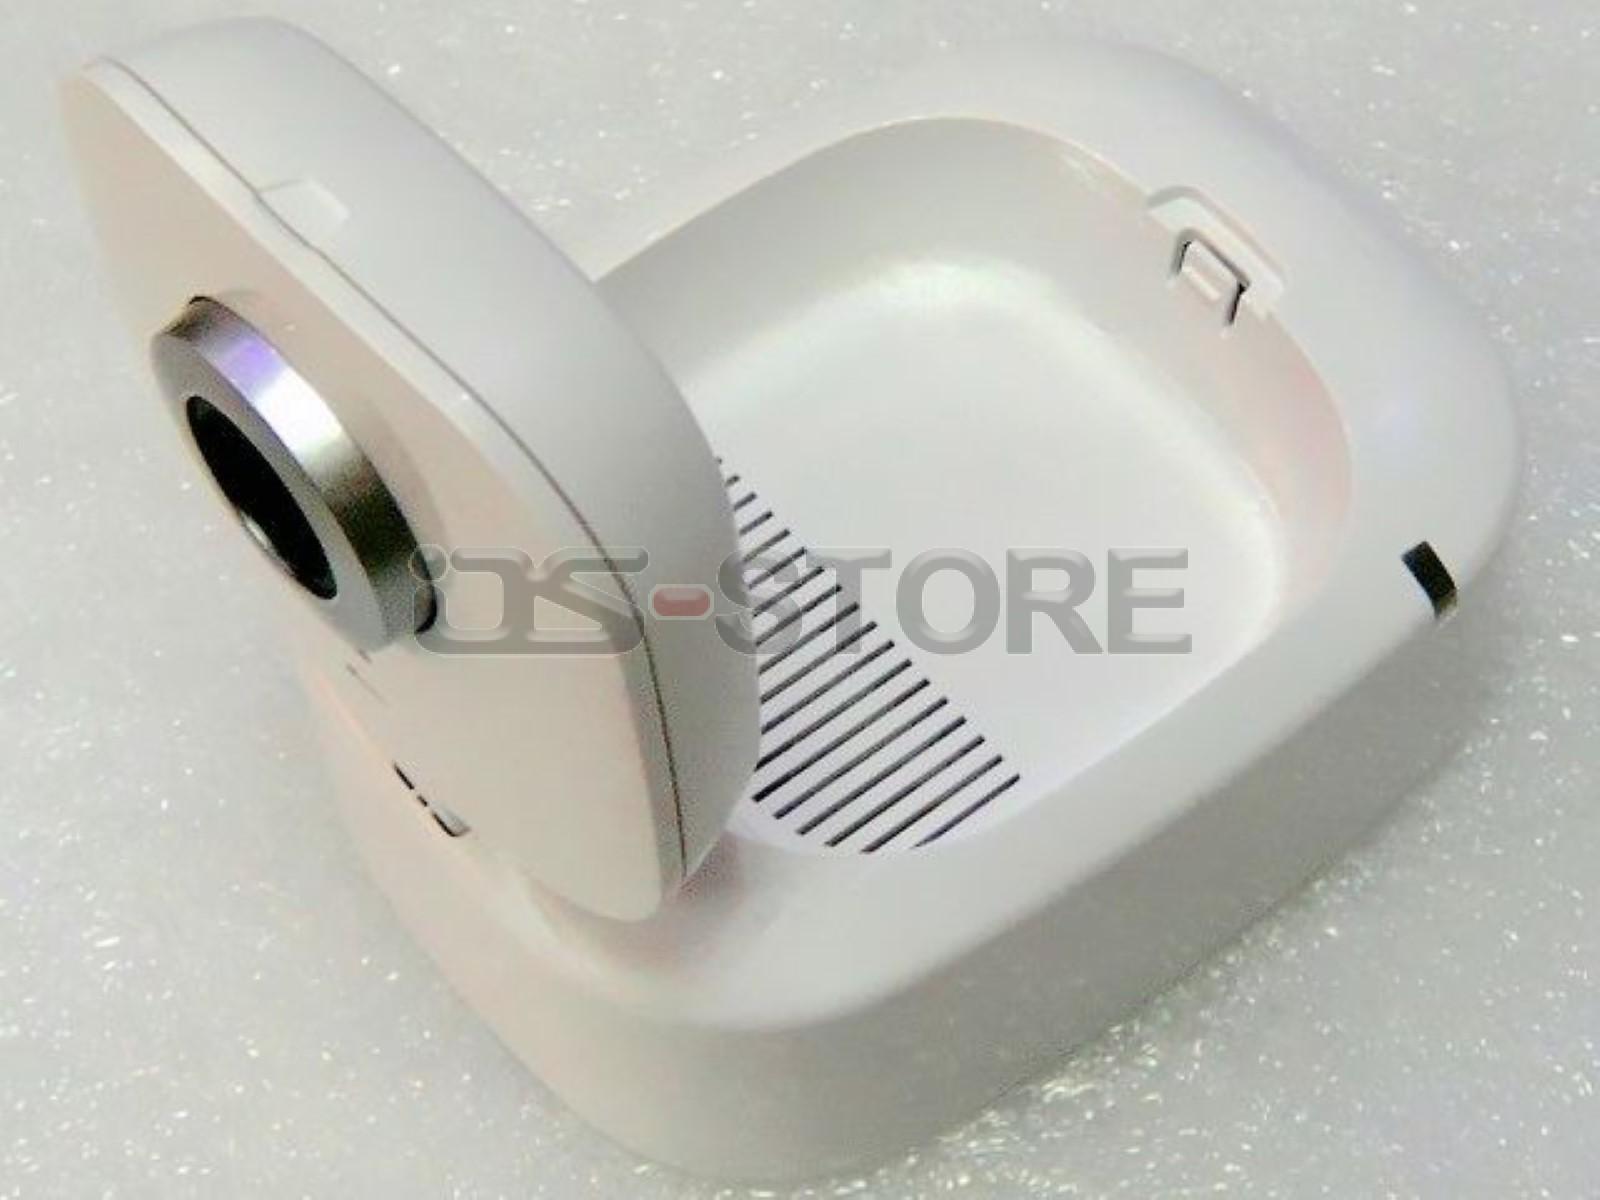 Genius Smartcam 210 camera using instructions explain   OS-STORE BLOG